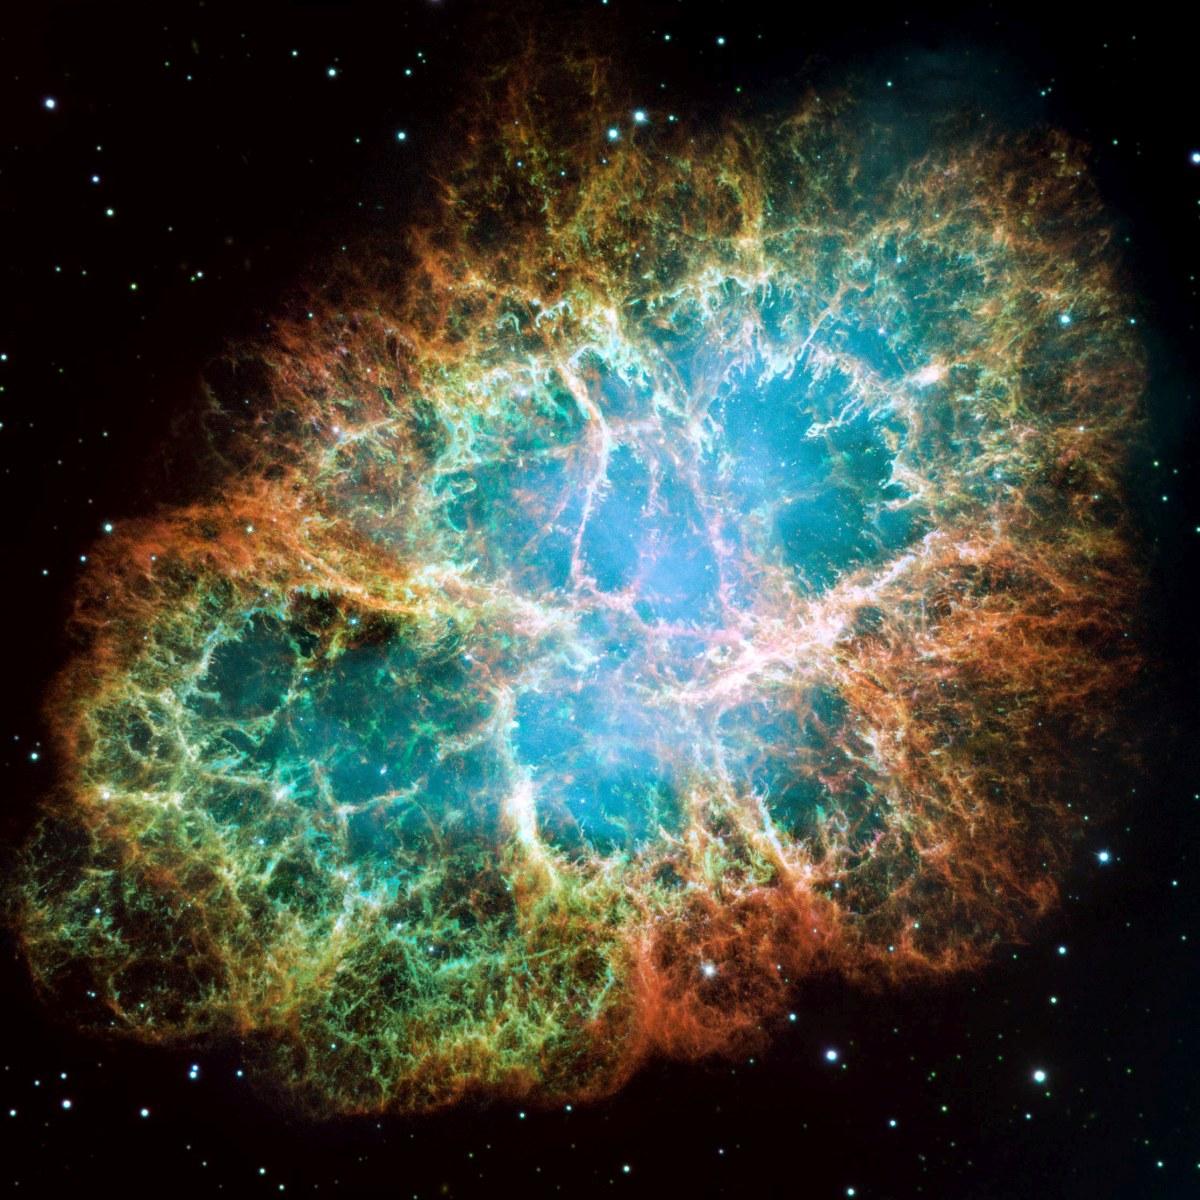 katalog Messiera